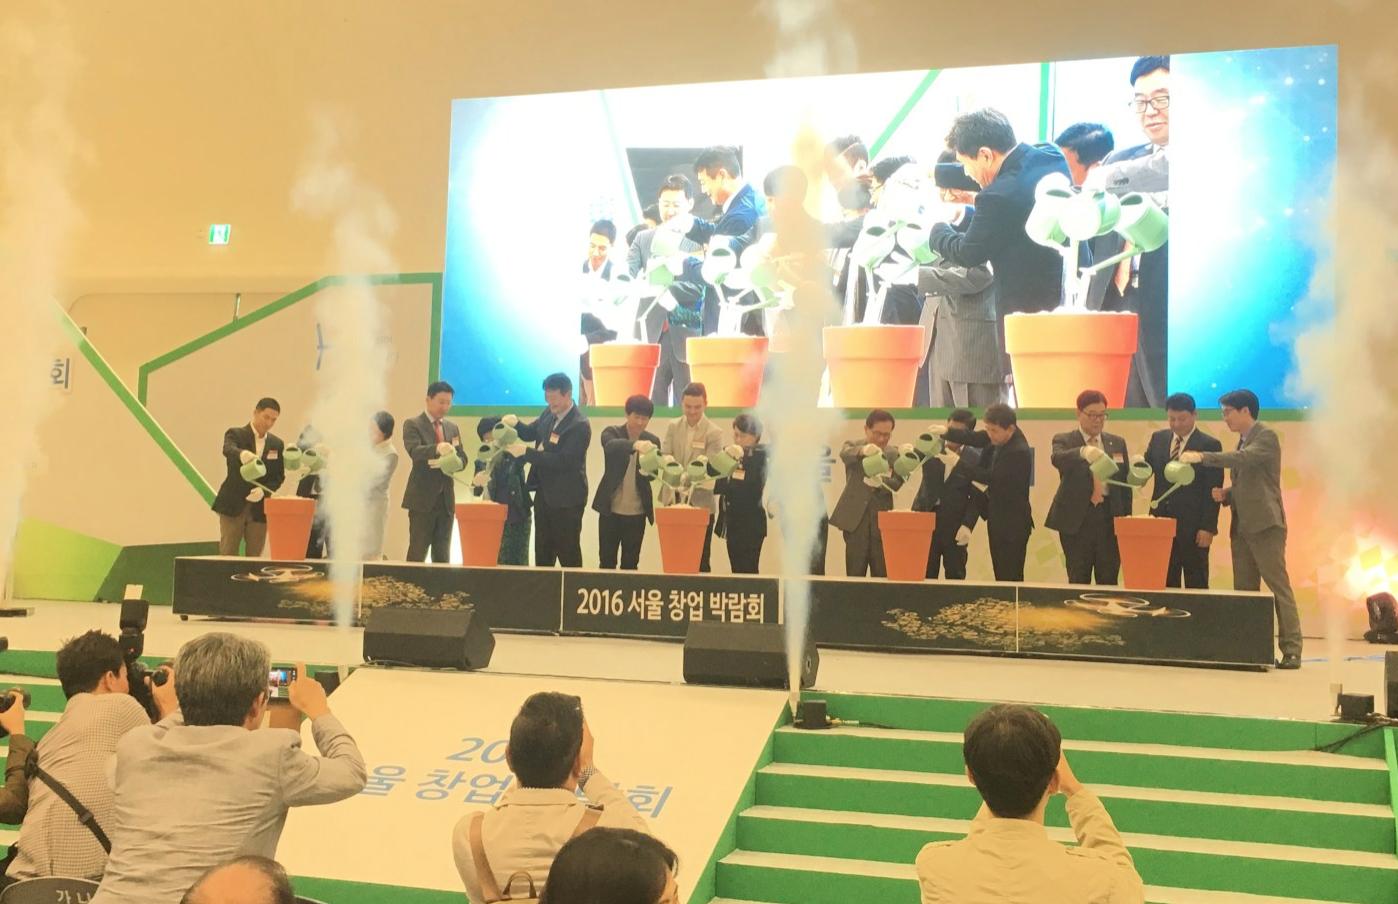 '꽃을 피우다'는 주제로 11일 개막식이 진행된 2016 서울창업박람회 참석한 15여 명의 서울시 임원들